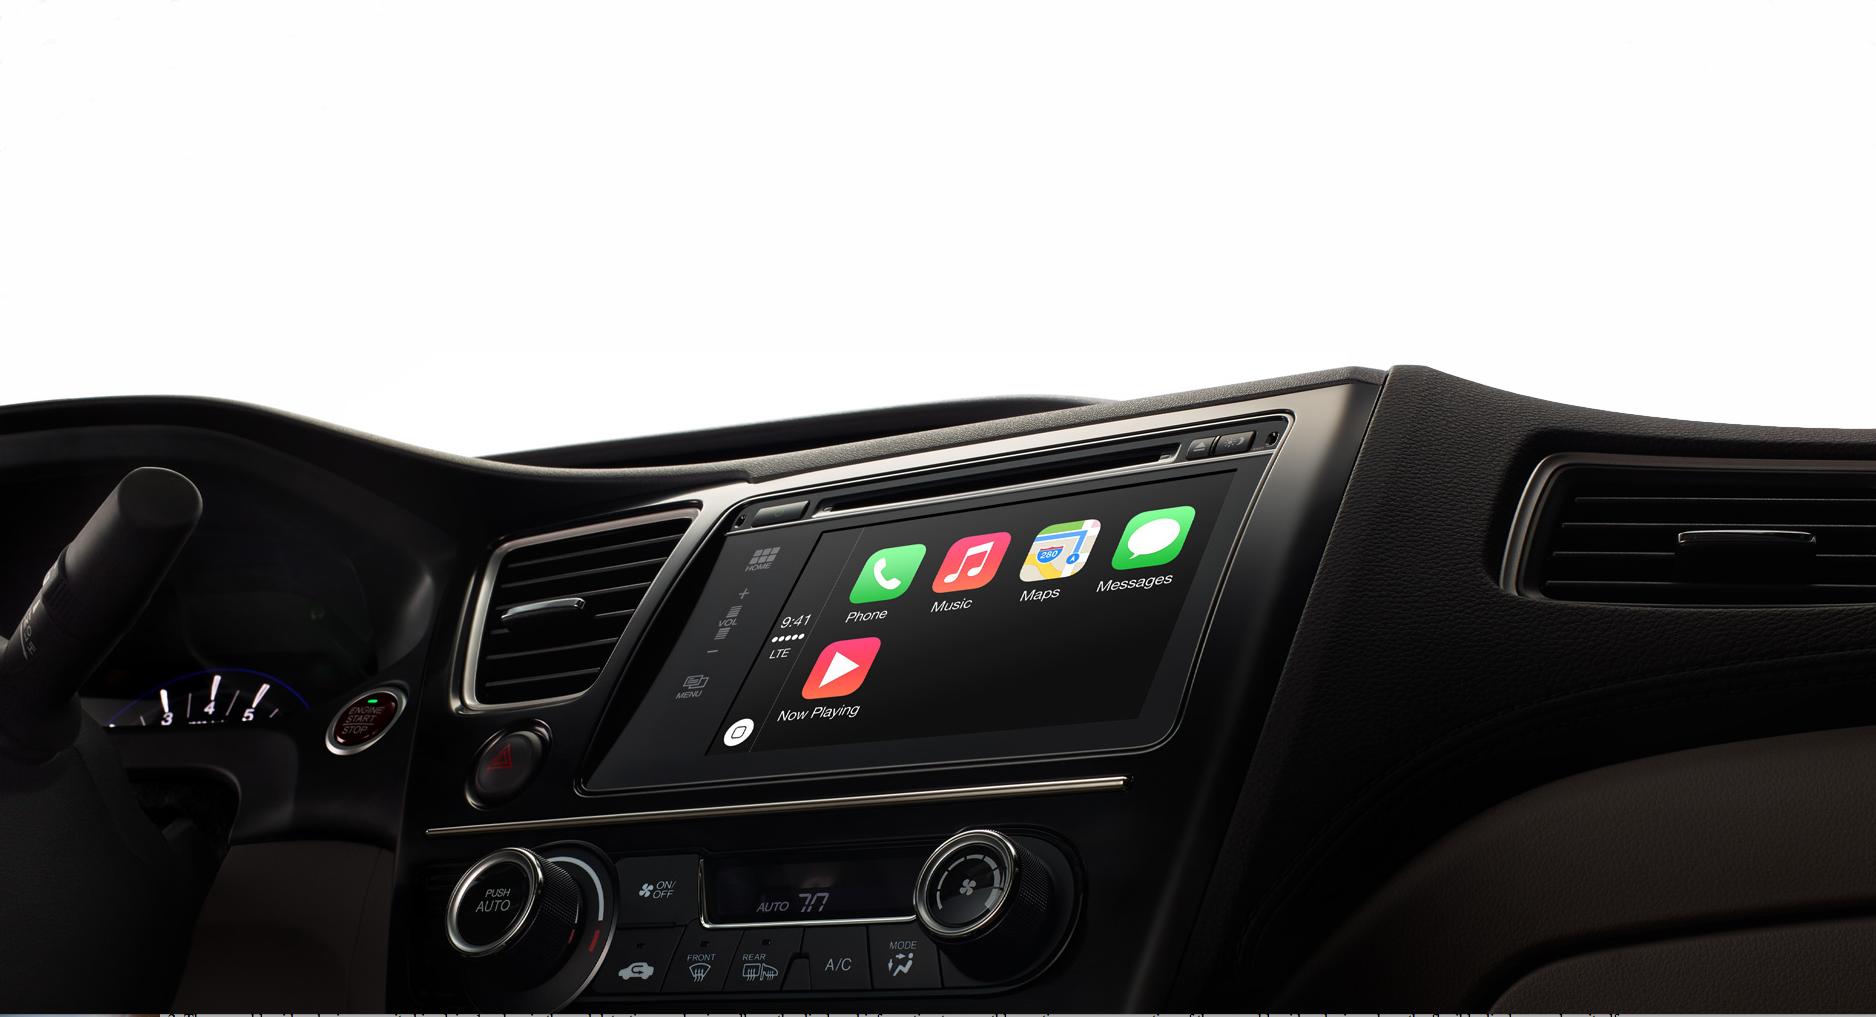 nine new car manufacturers sign up for apple carplay expert reviews. Black Bedroom Furniture Sets. Home Design Ideas